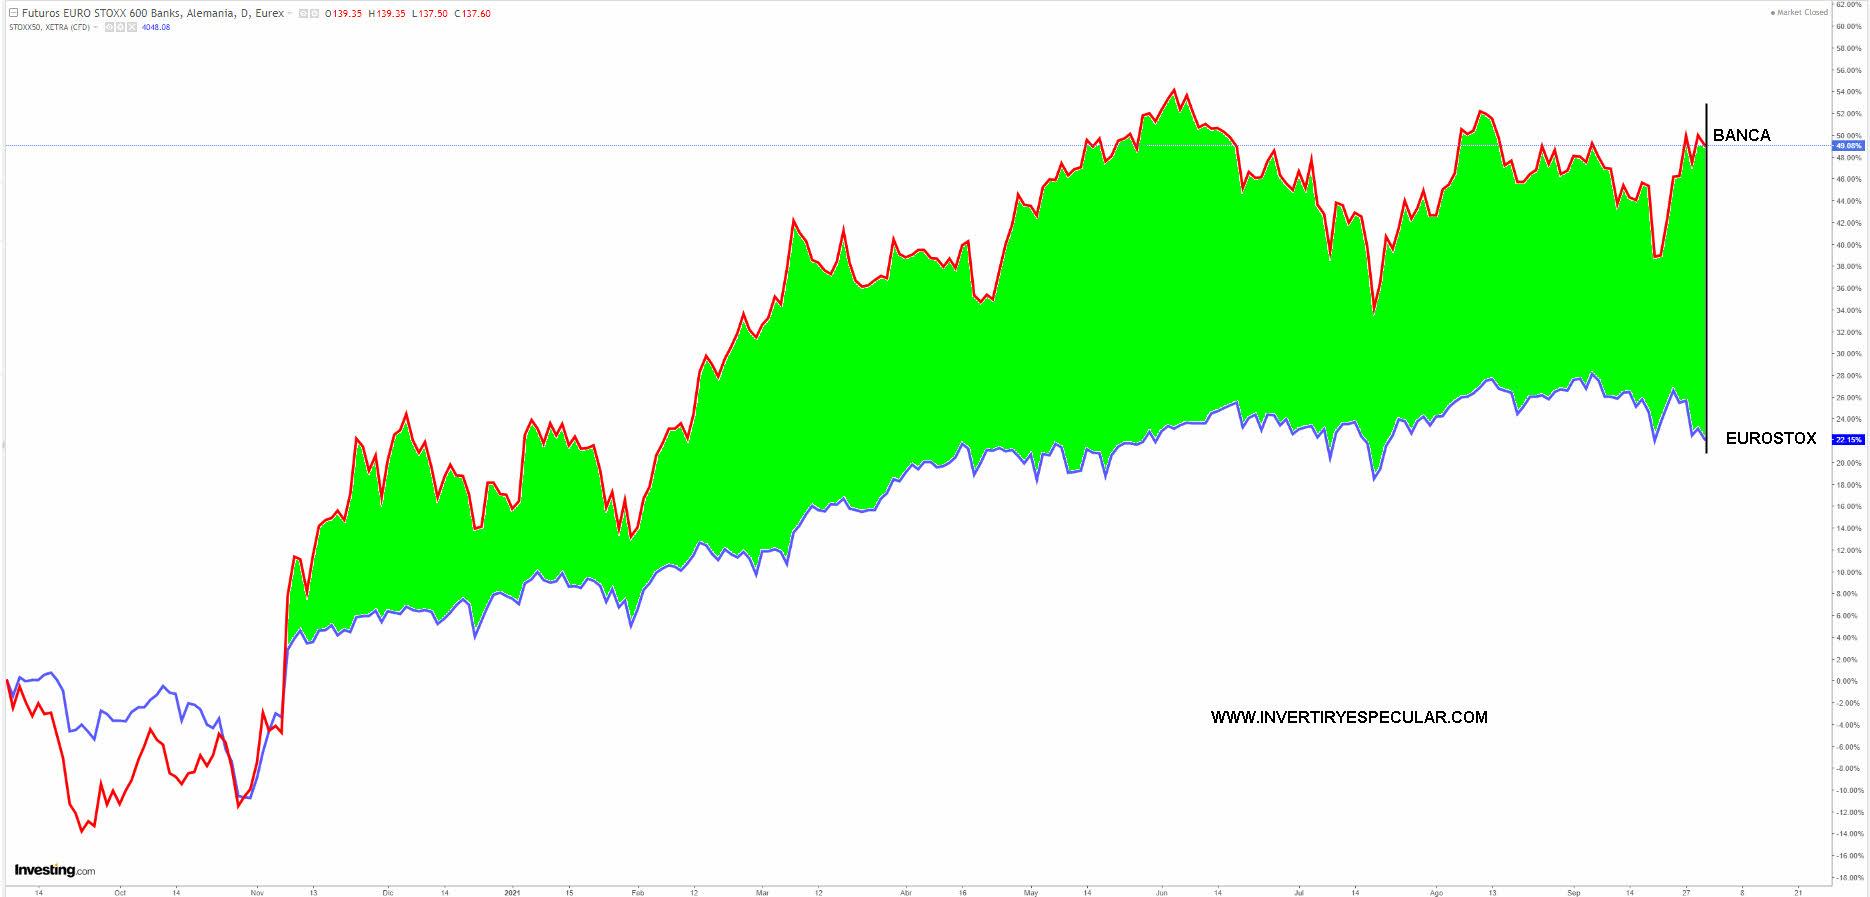 BANCA-VS-EURO-STOXX-1-OCTUBRE-2021% - Creemos que los dividendos pueden ser un chaleco salvavidas para el Ibex